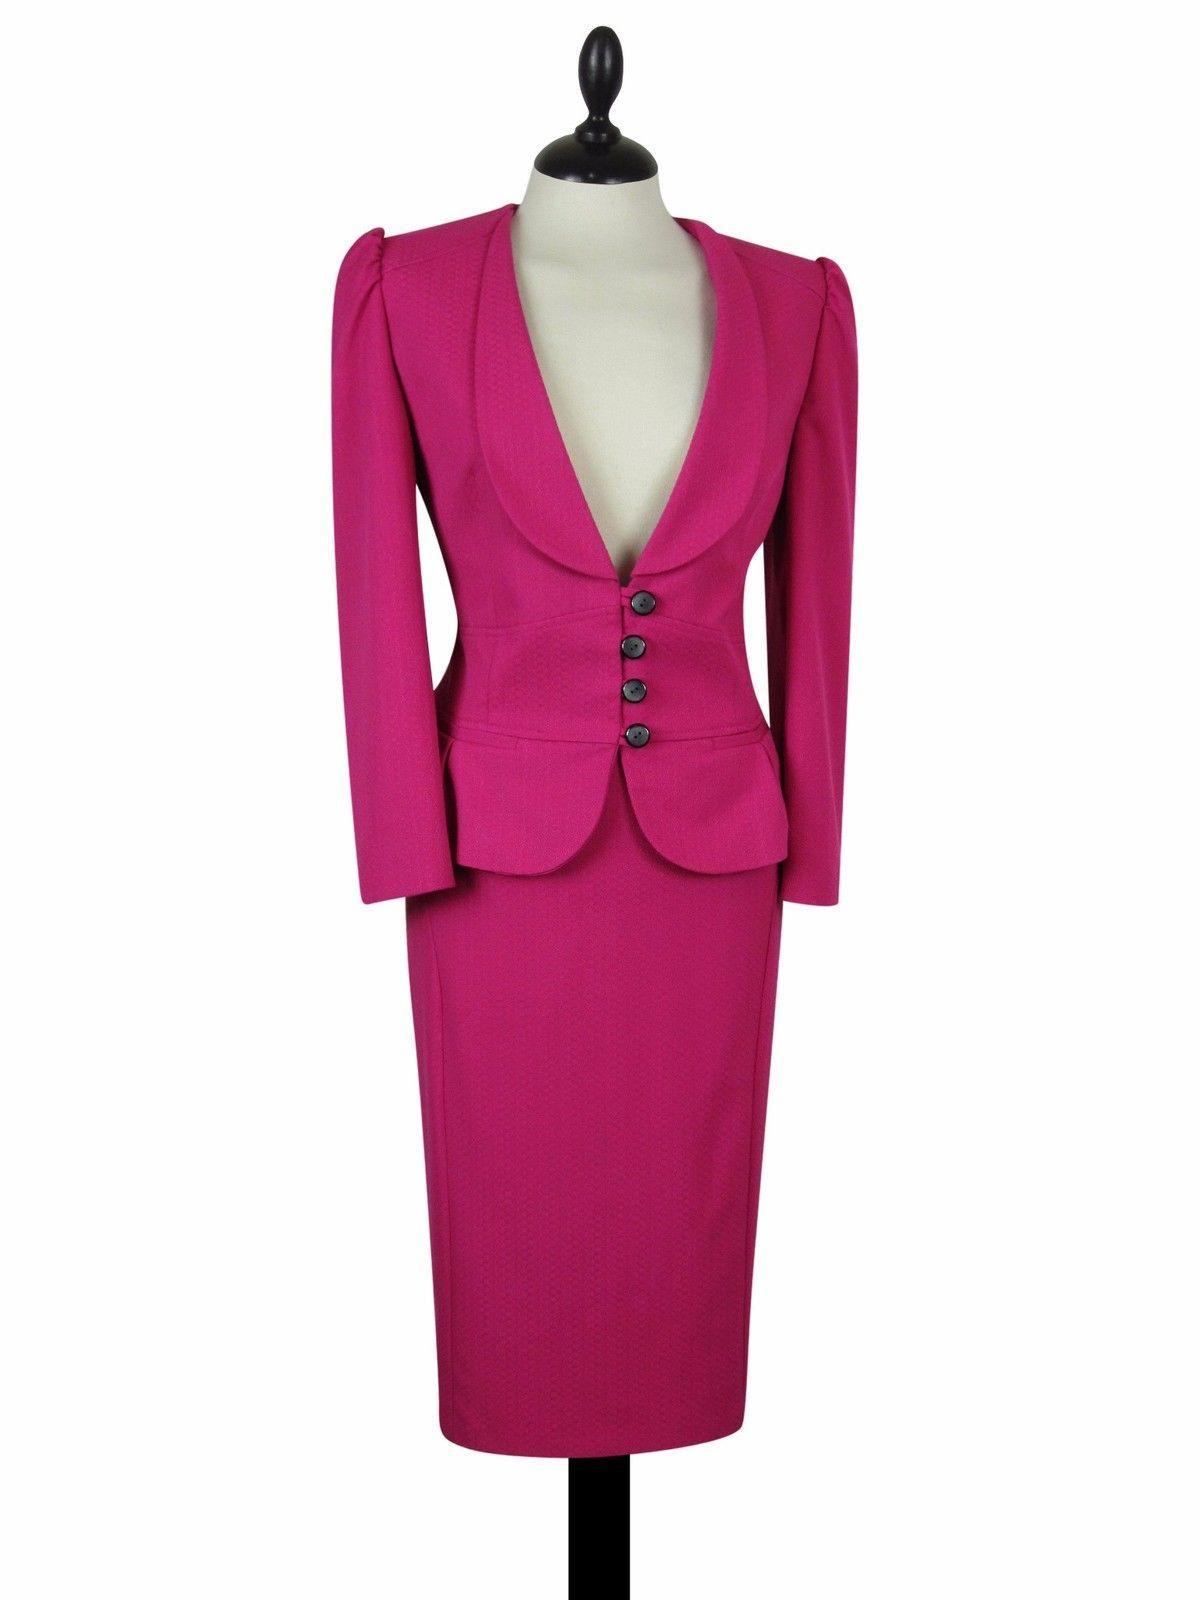 Next pencil skirt suit pink size uk10/8 us6/4 women ladies 50s ...